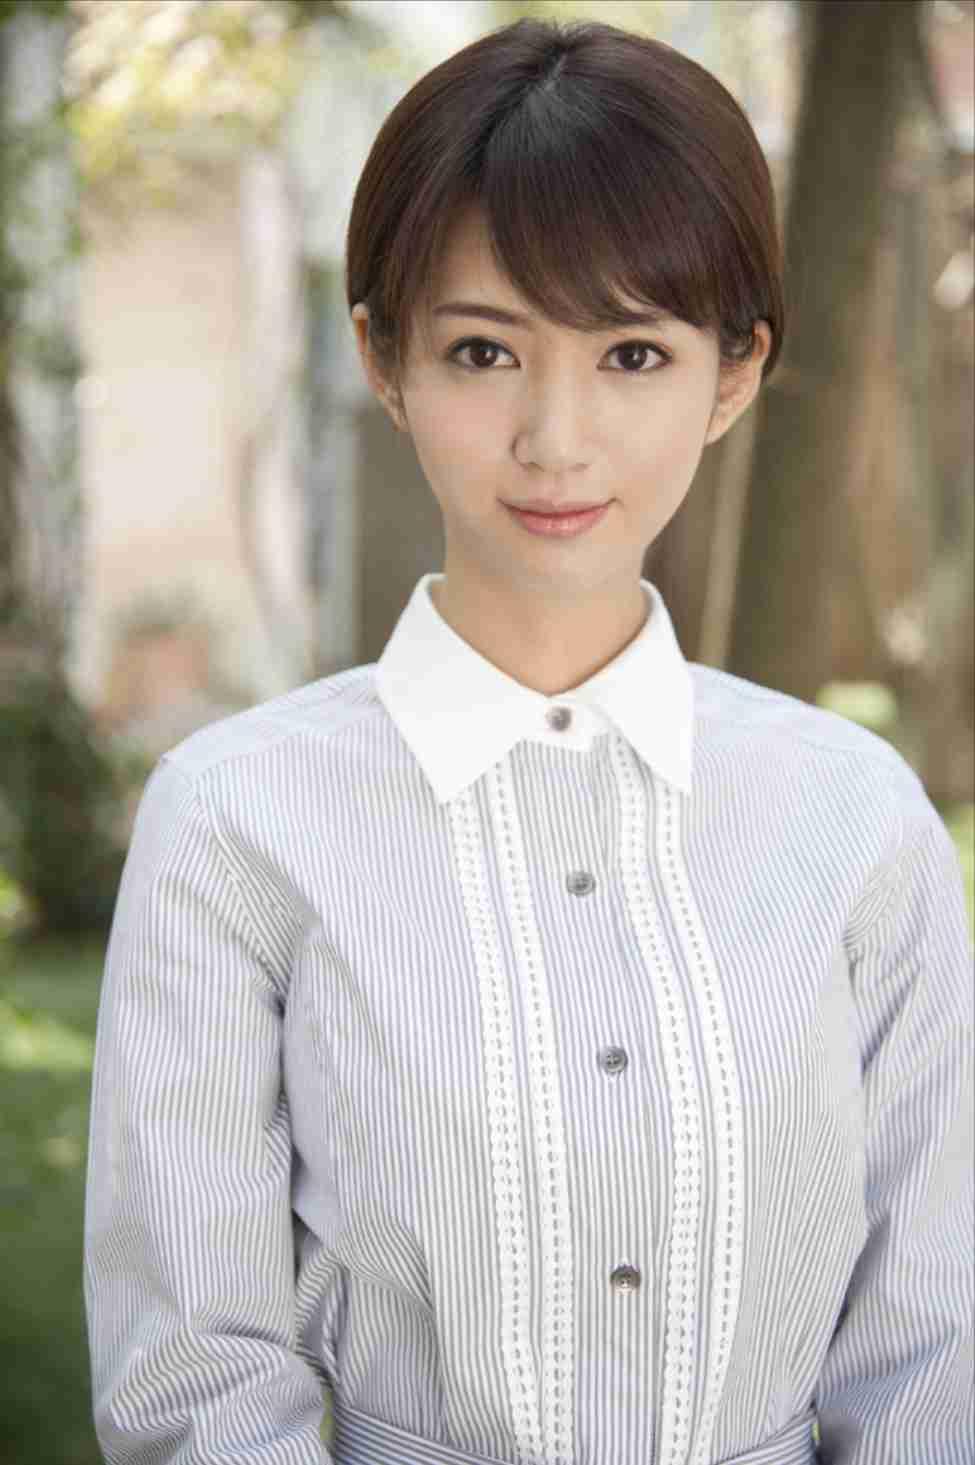 セクシー女優麻生希も薬物逮捕されていた!「マトリ」の動きに見る高知東生容疑者の「売人芋づる逮捕」と、クスリを「買った連中」とは